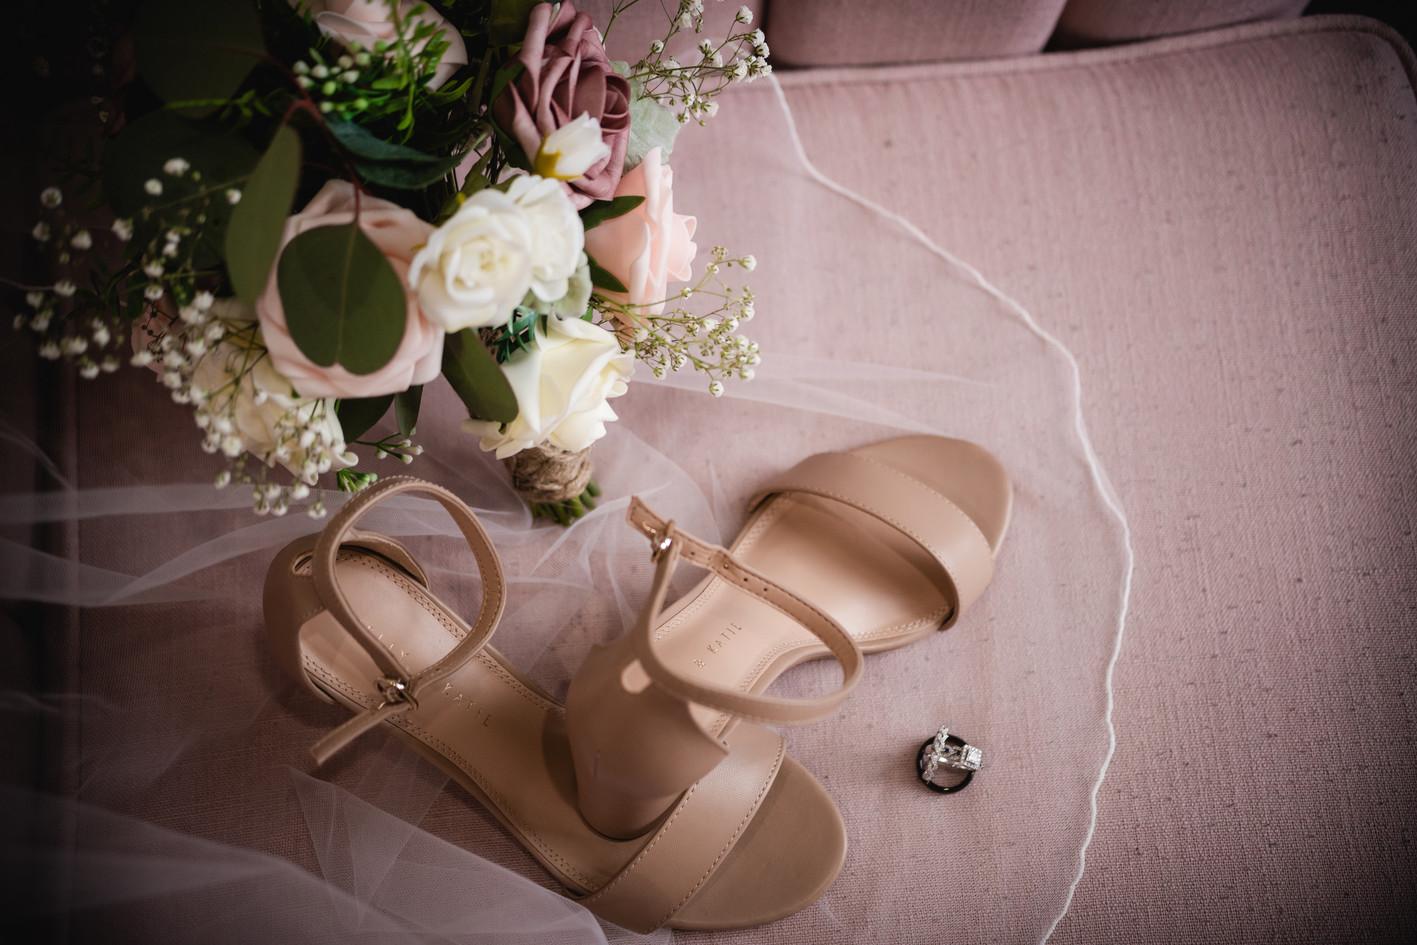 Jercio & Reyna Wedding 9-14-19-30.jpg